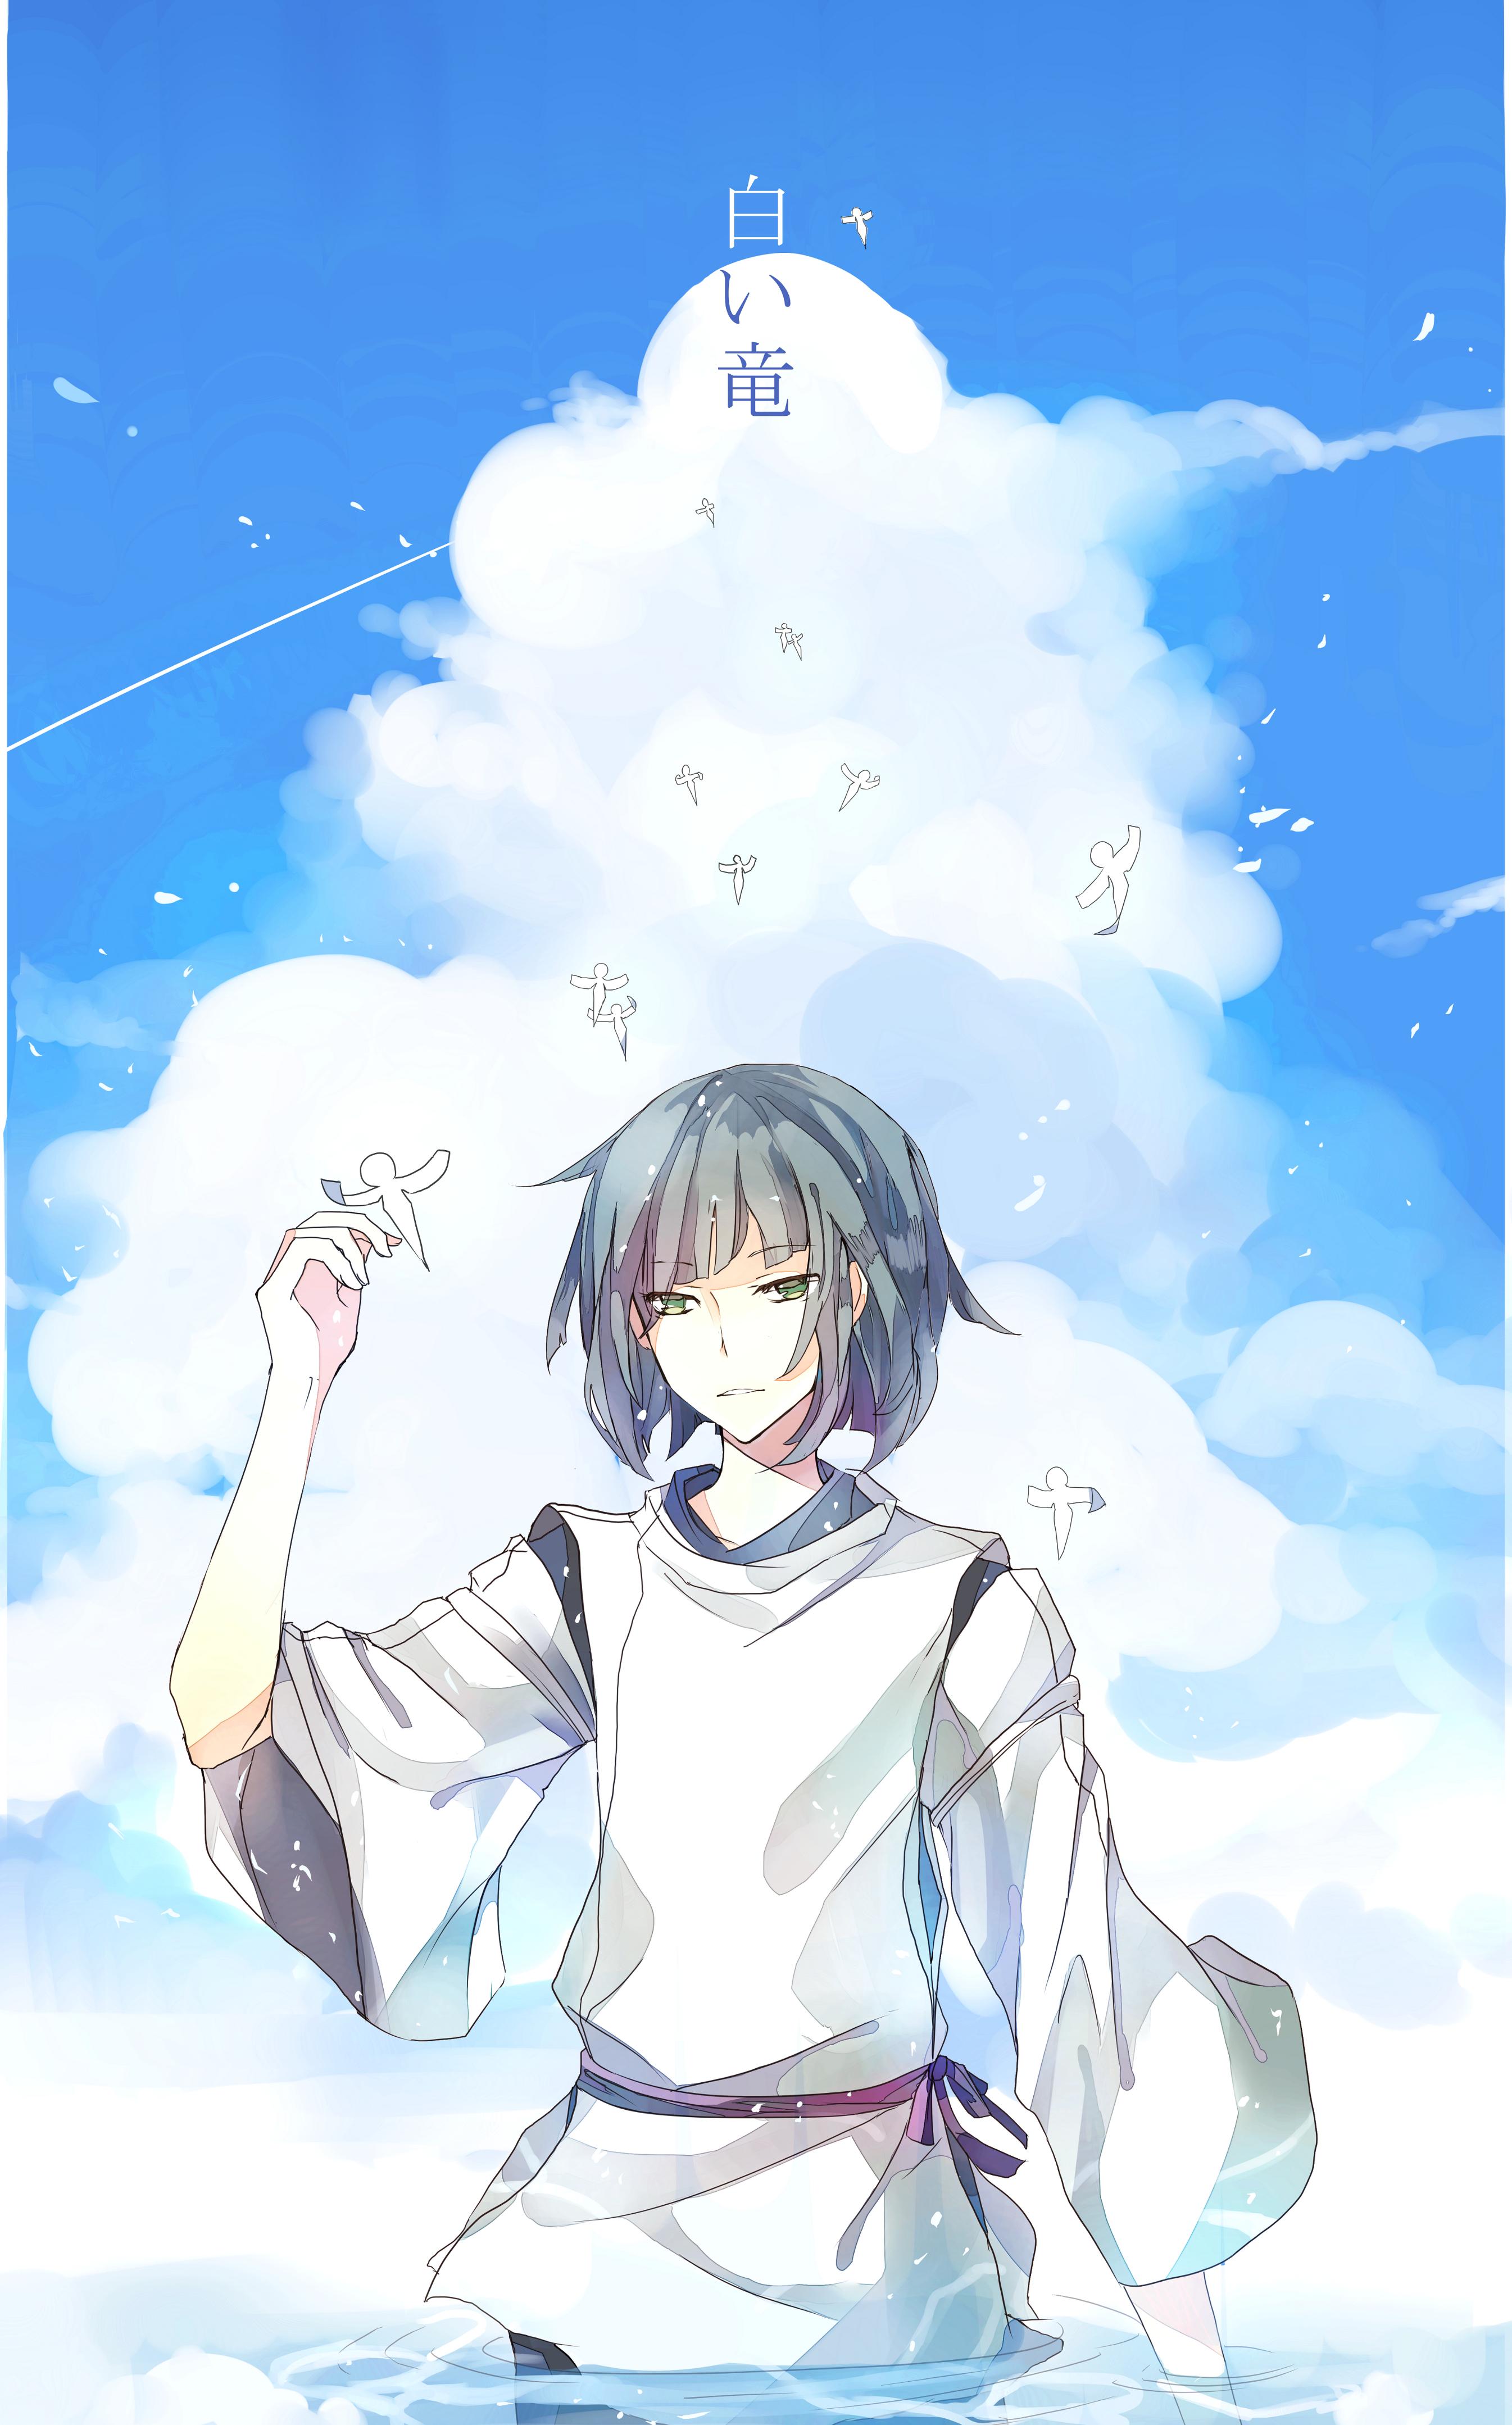 Haku Sen To Chihiro No Kamikakushi Spirit Of The Kohaku River Zerochan Anime Image Board